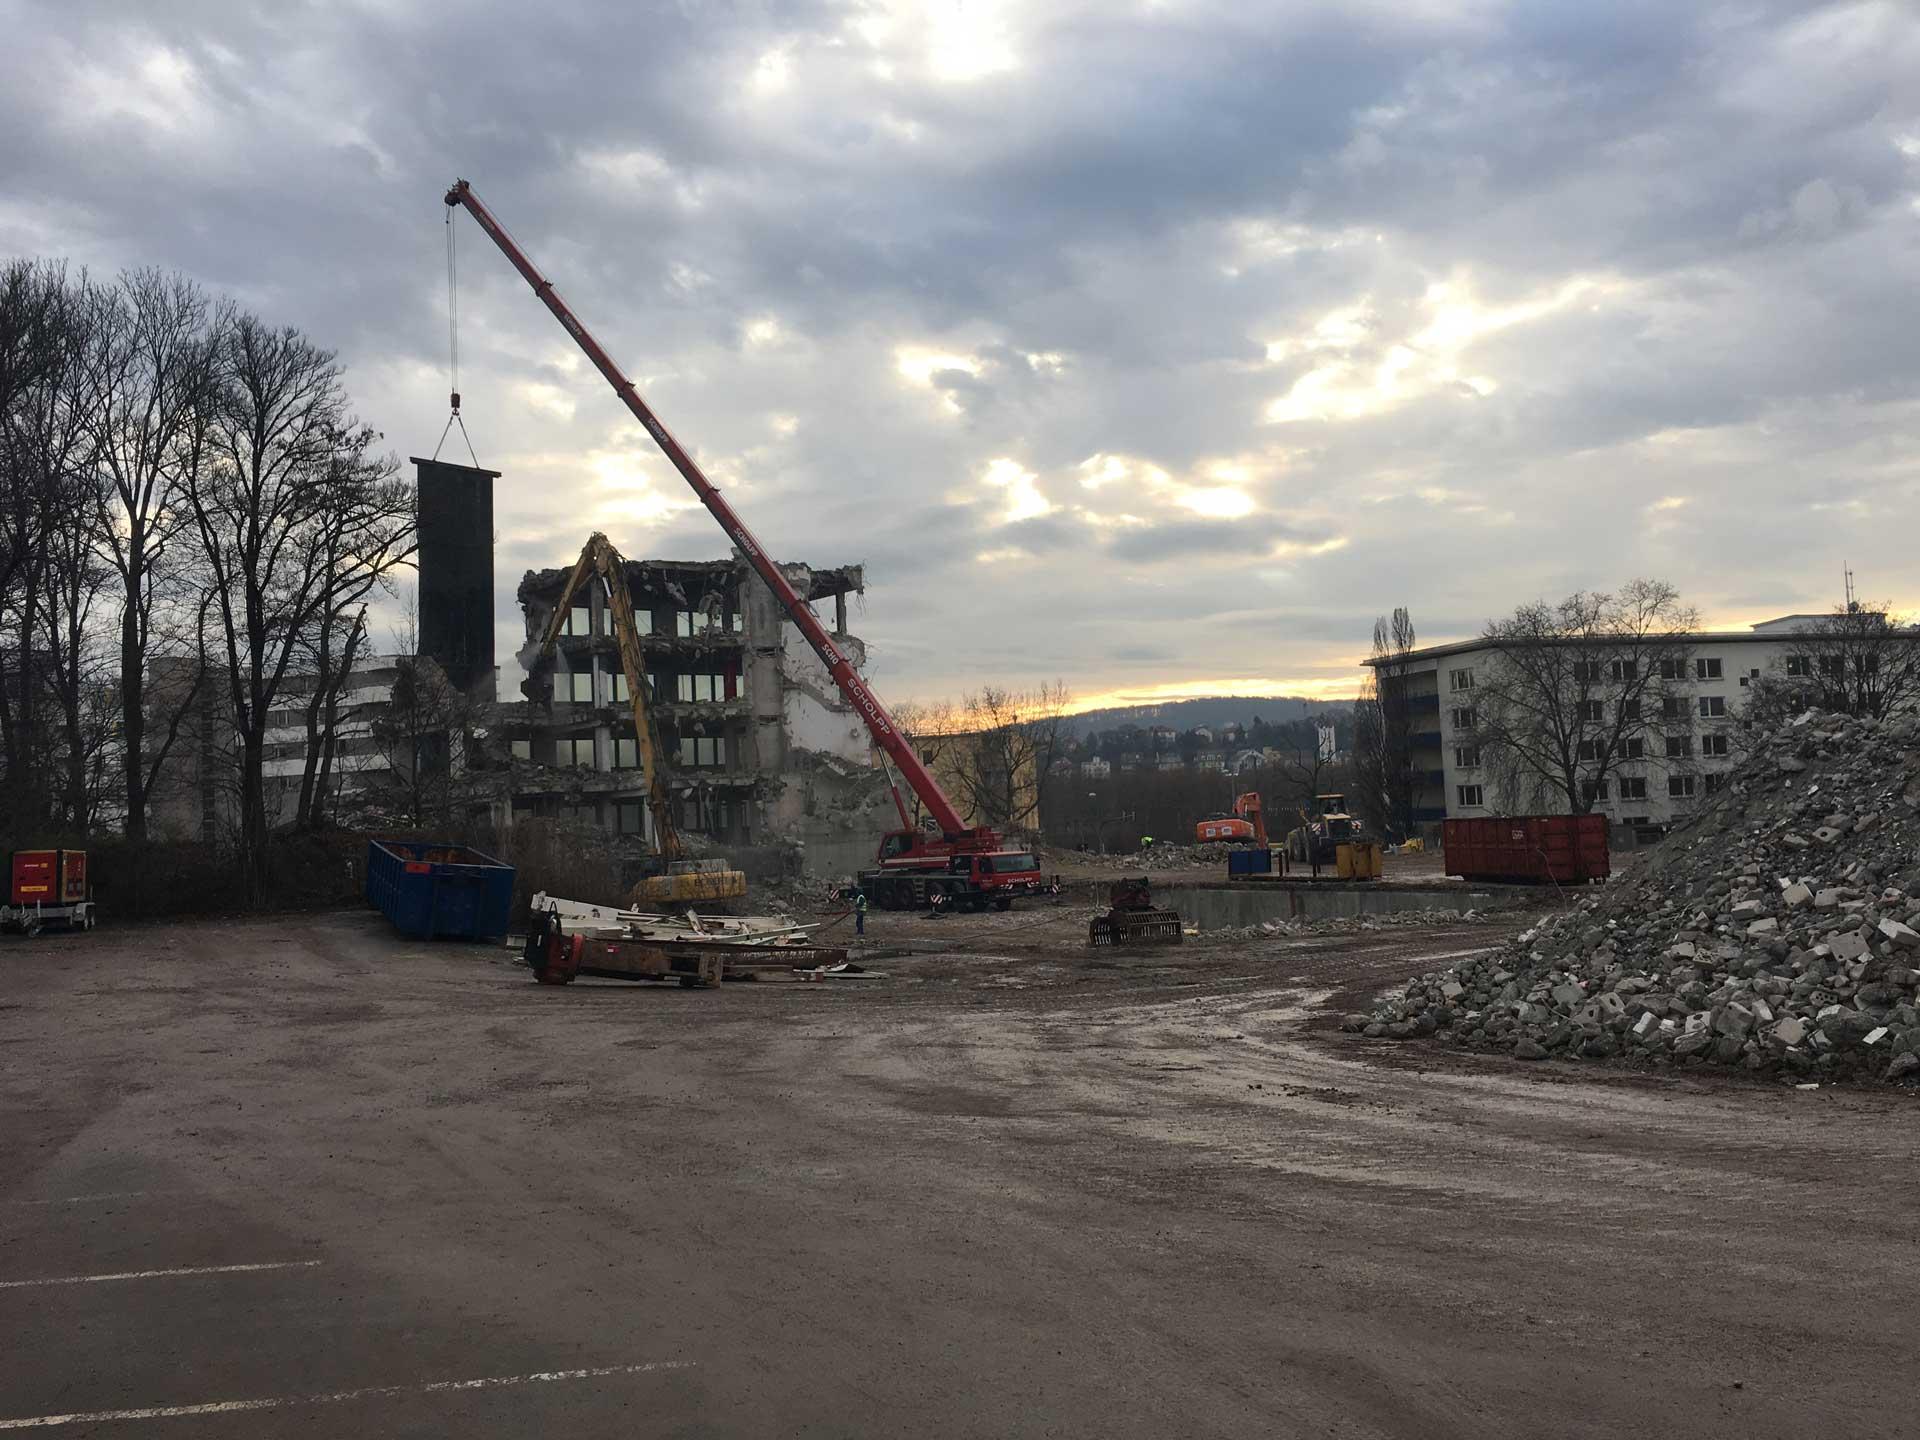 Eckert Industrieabbruch